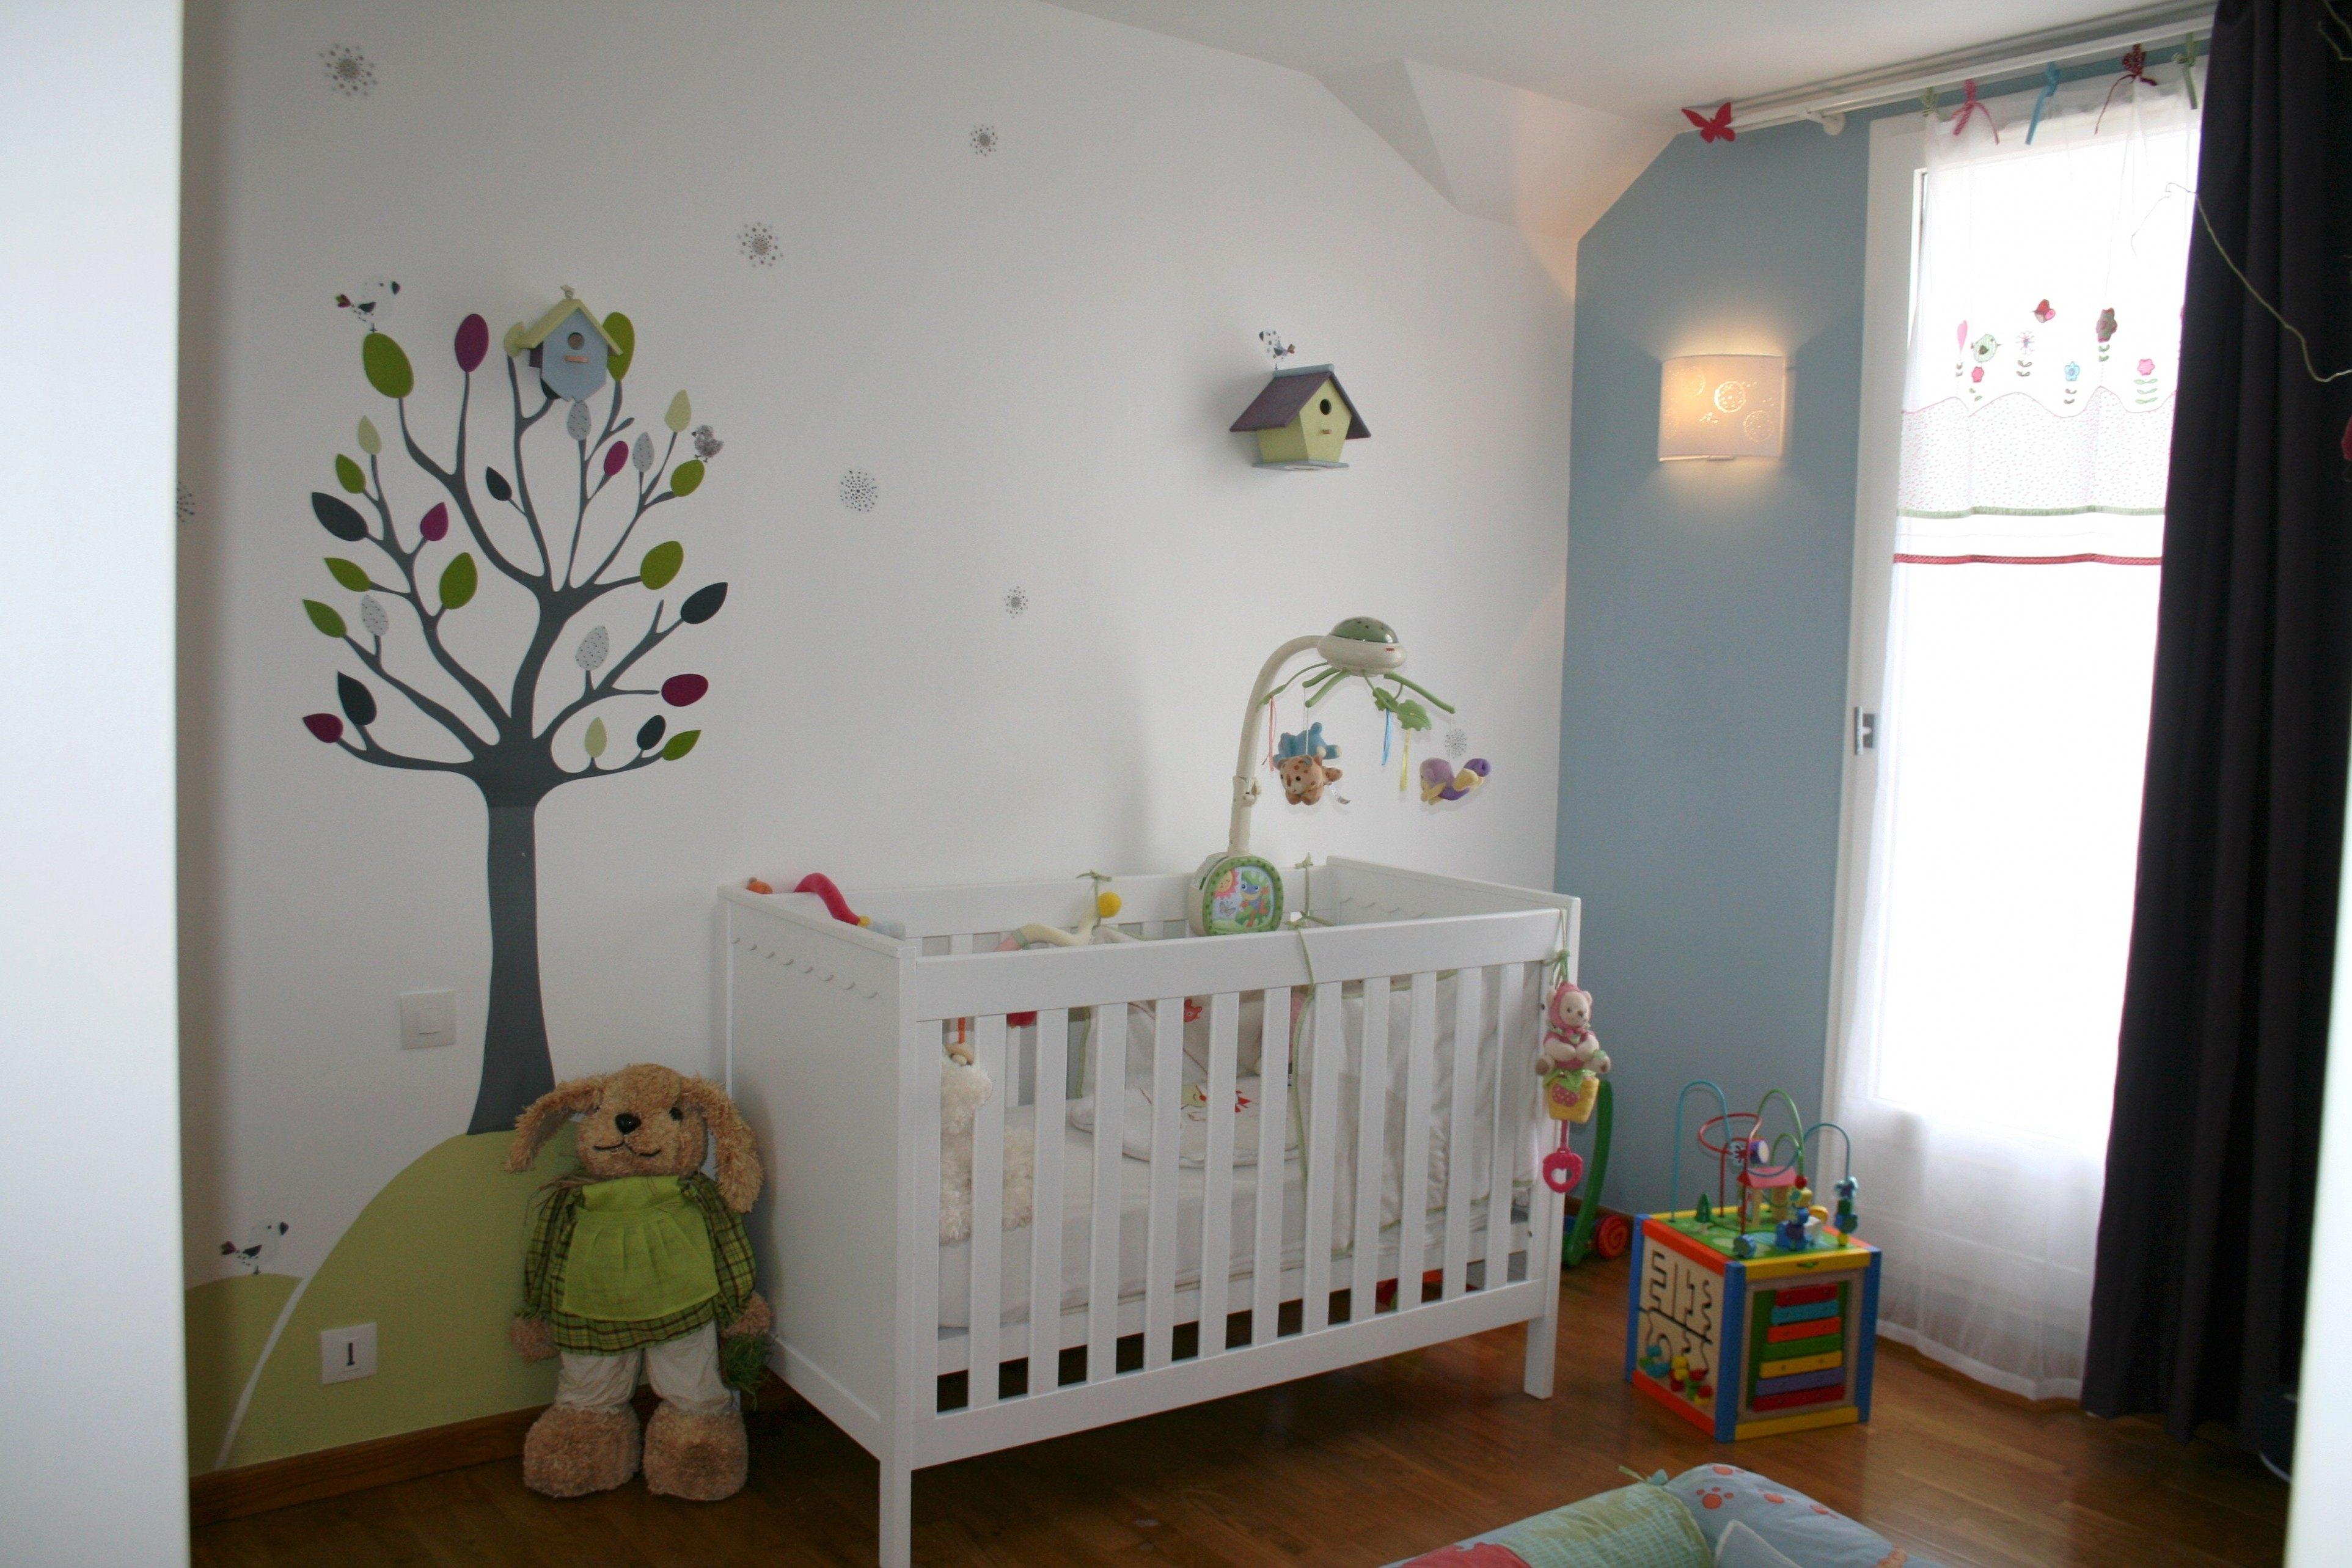 Berceau Lit Bébé Inspiré Lesmeubles Chambre Bébé Deco — Lesmeubles